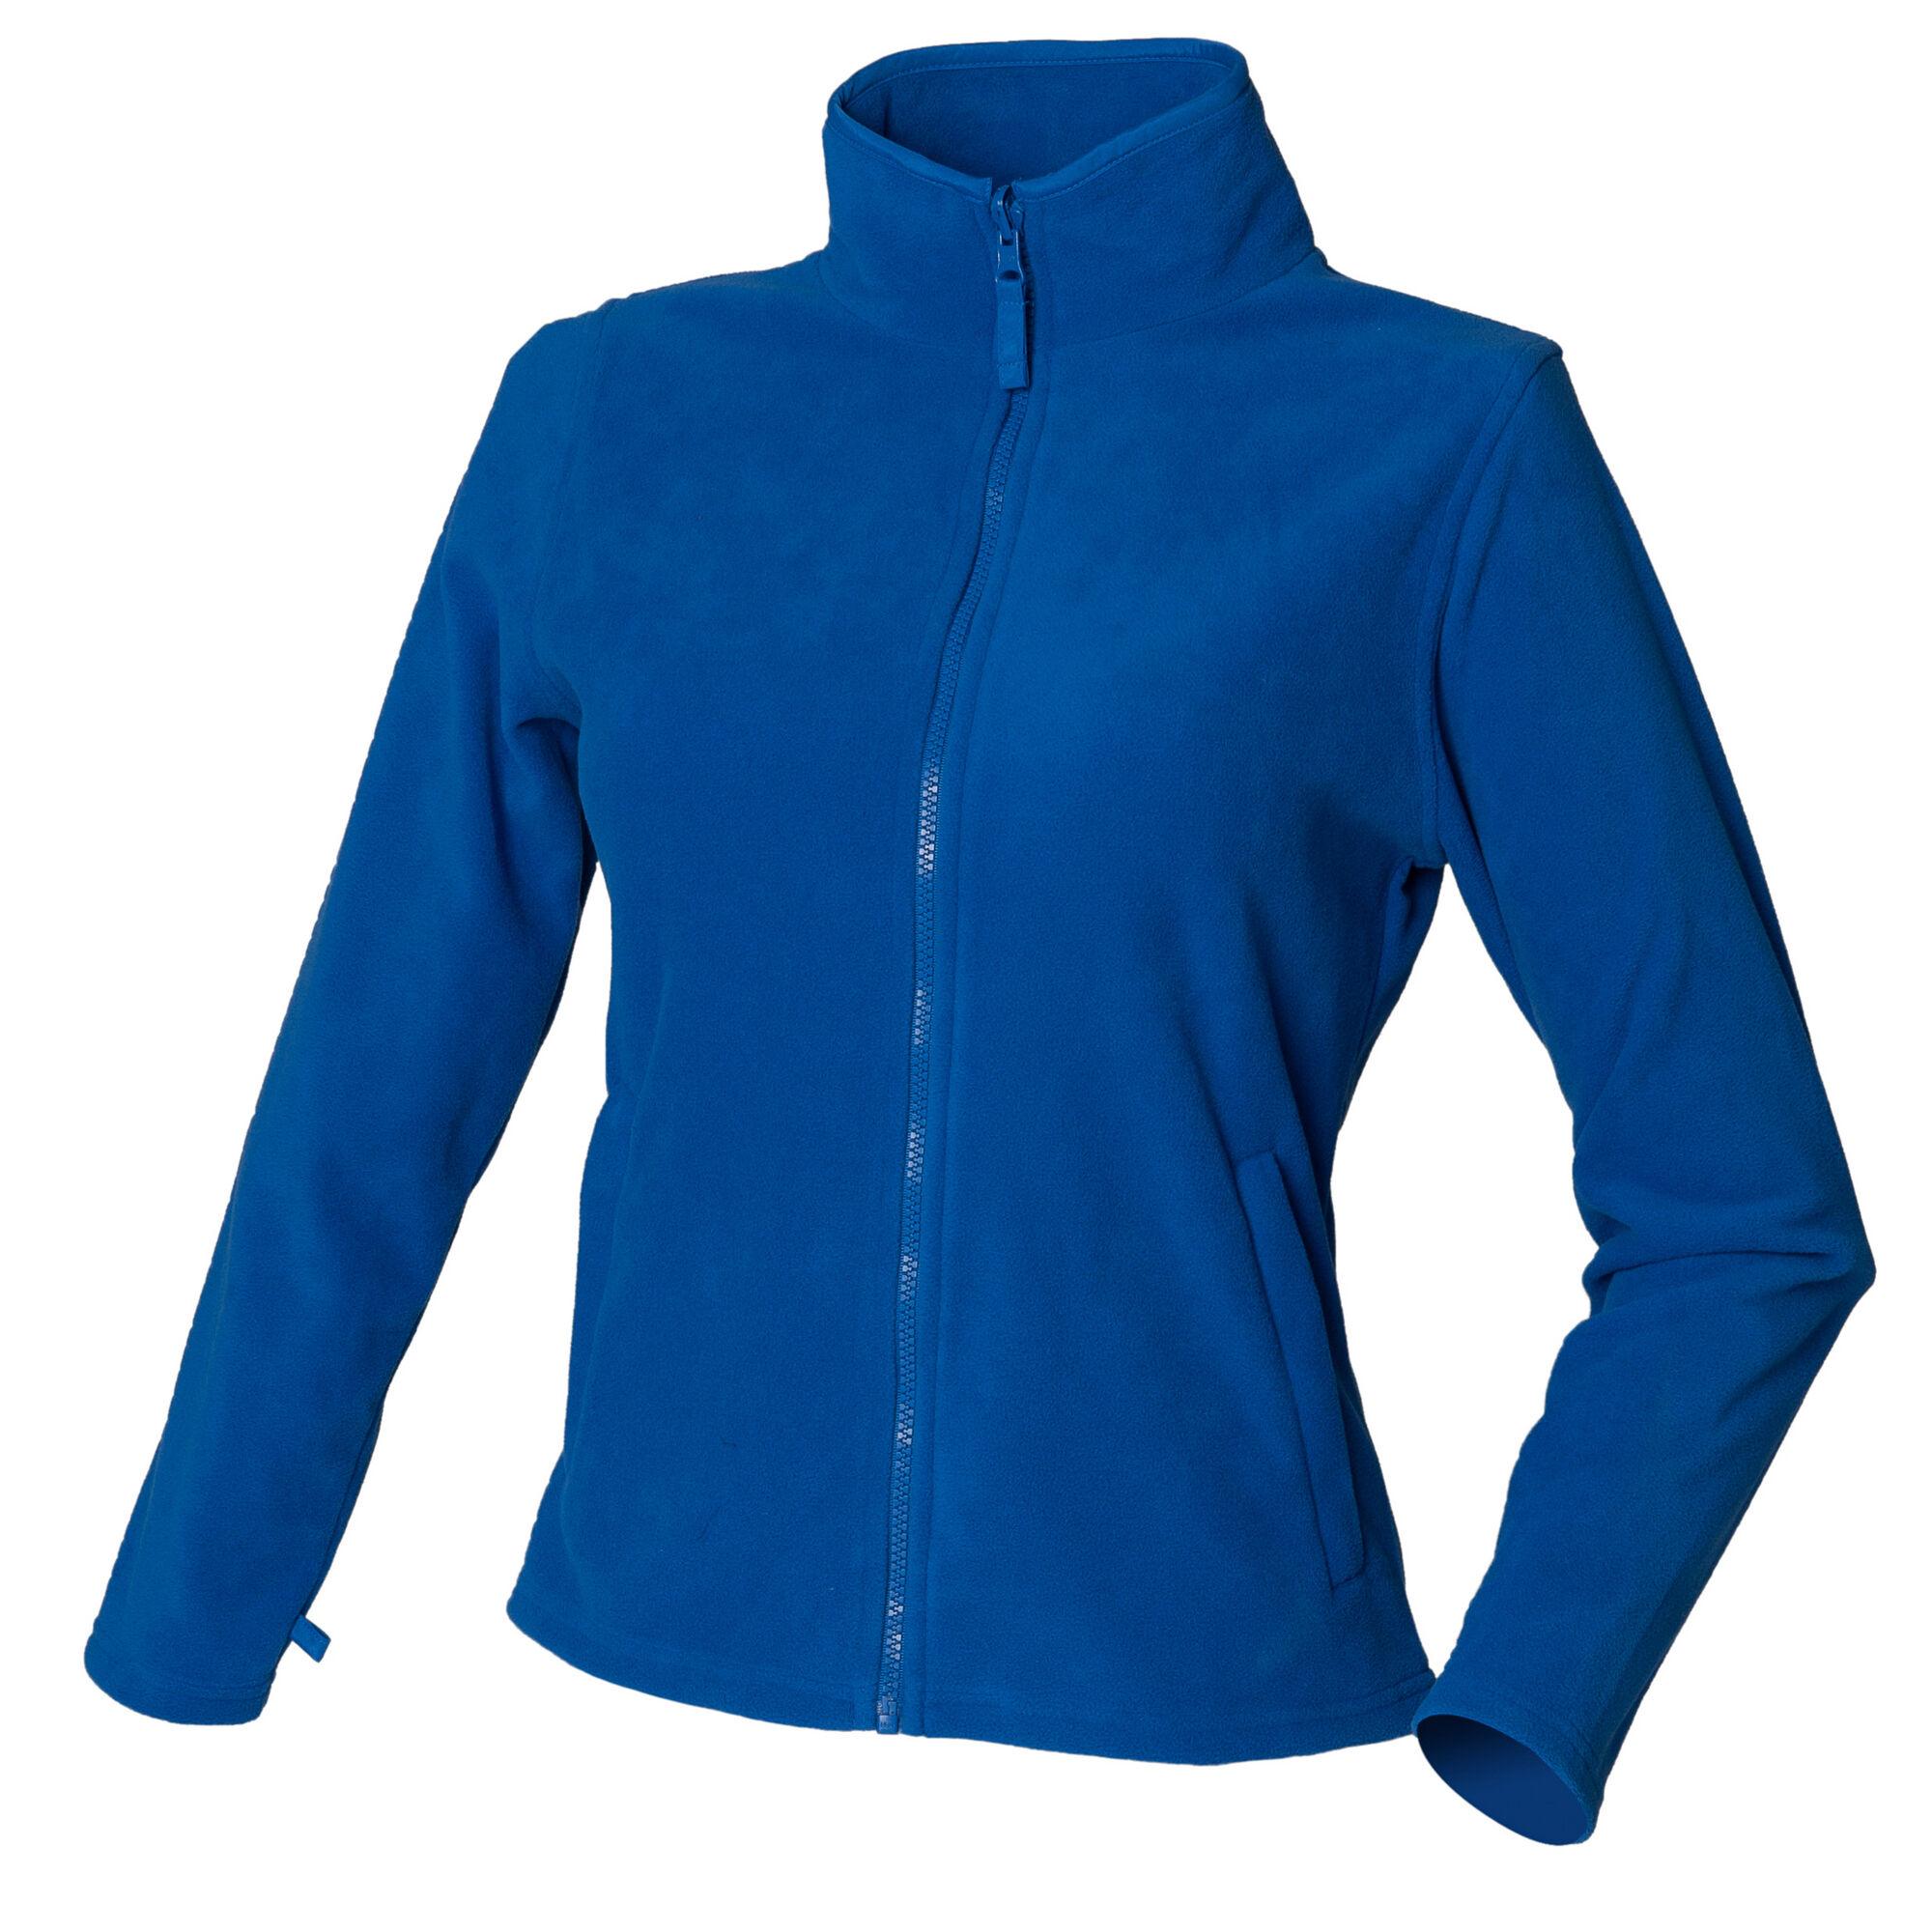 Henbury - Veste Polaire Anti-Peluche - Femme (Bleu roi) - UTRW679